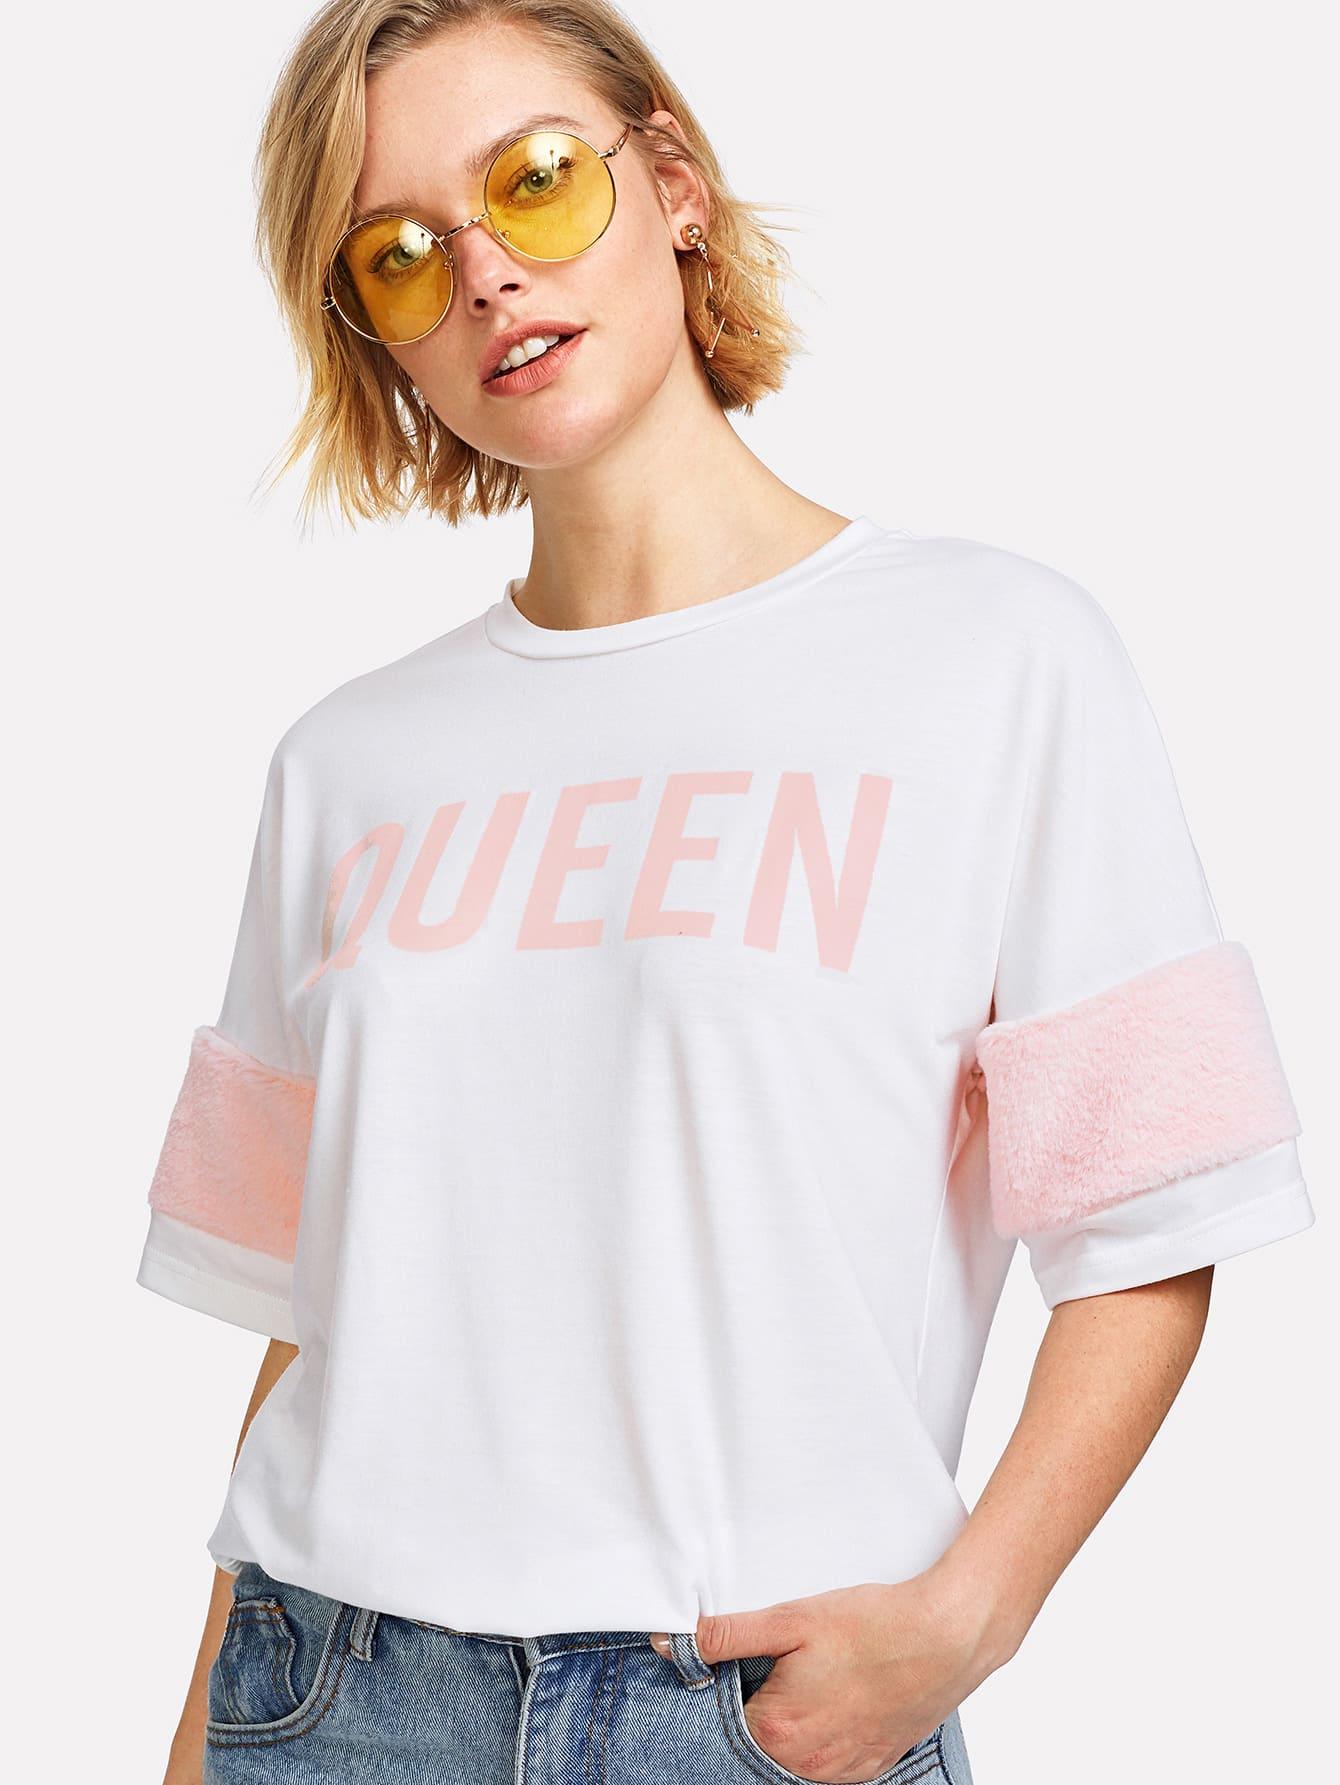 Купить Модная футболка с текстовым принтом, Michelle, SheIn